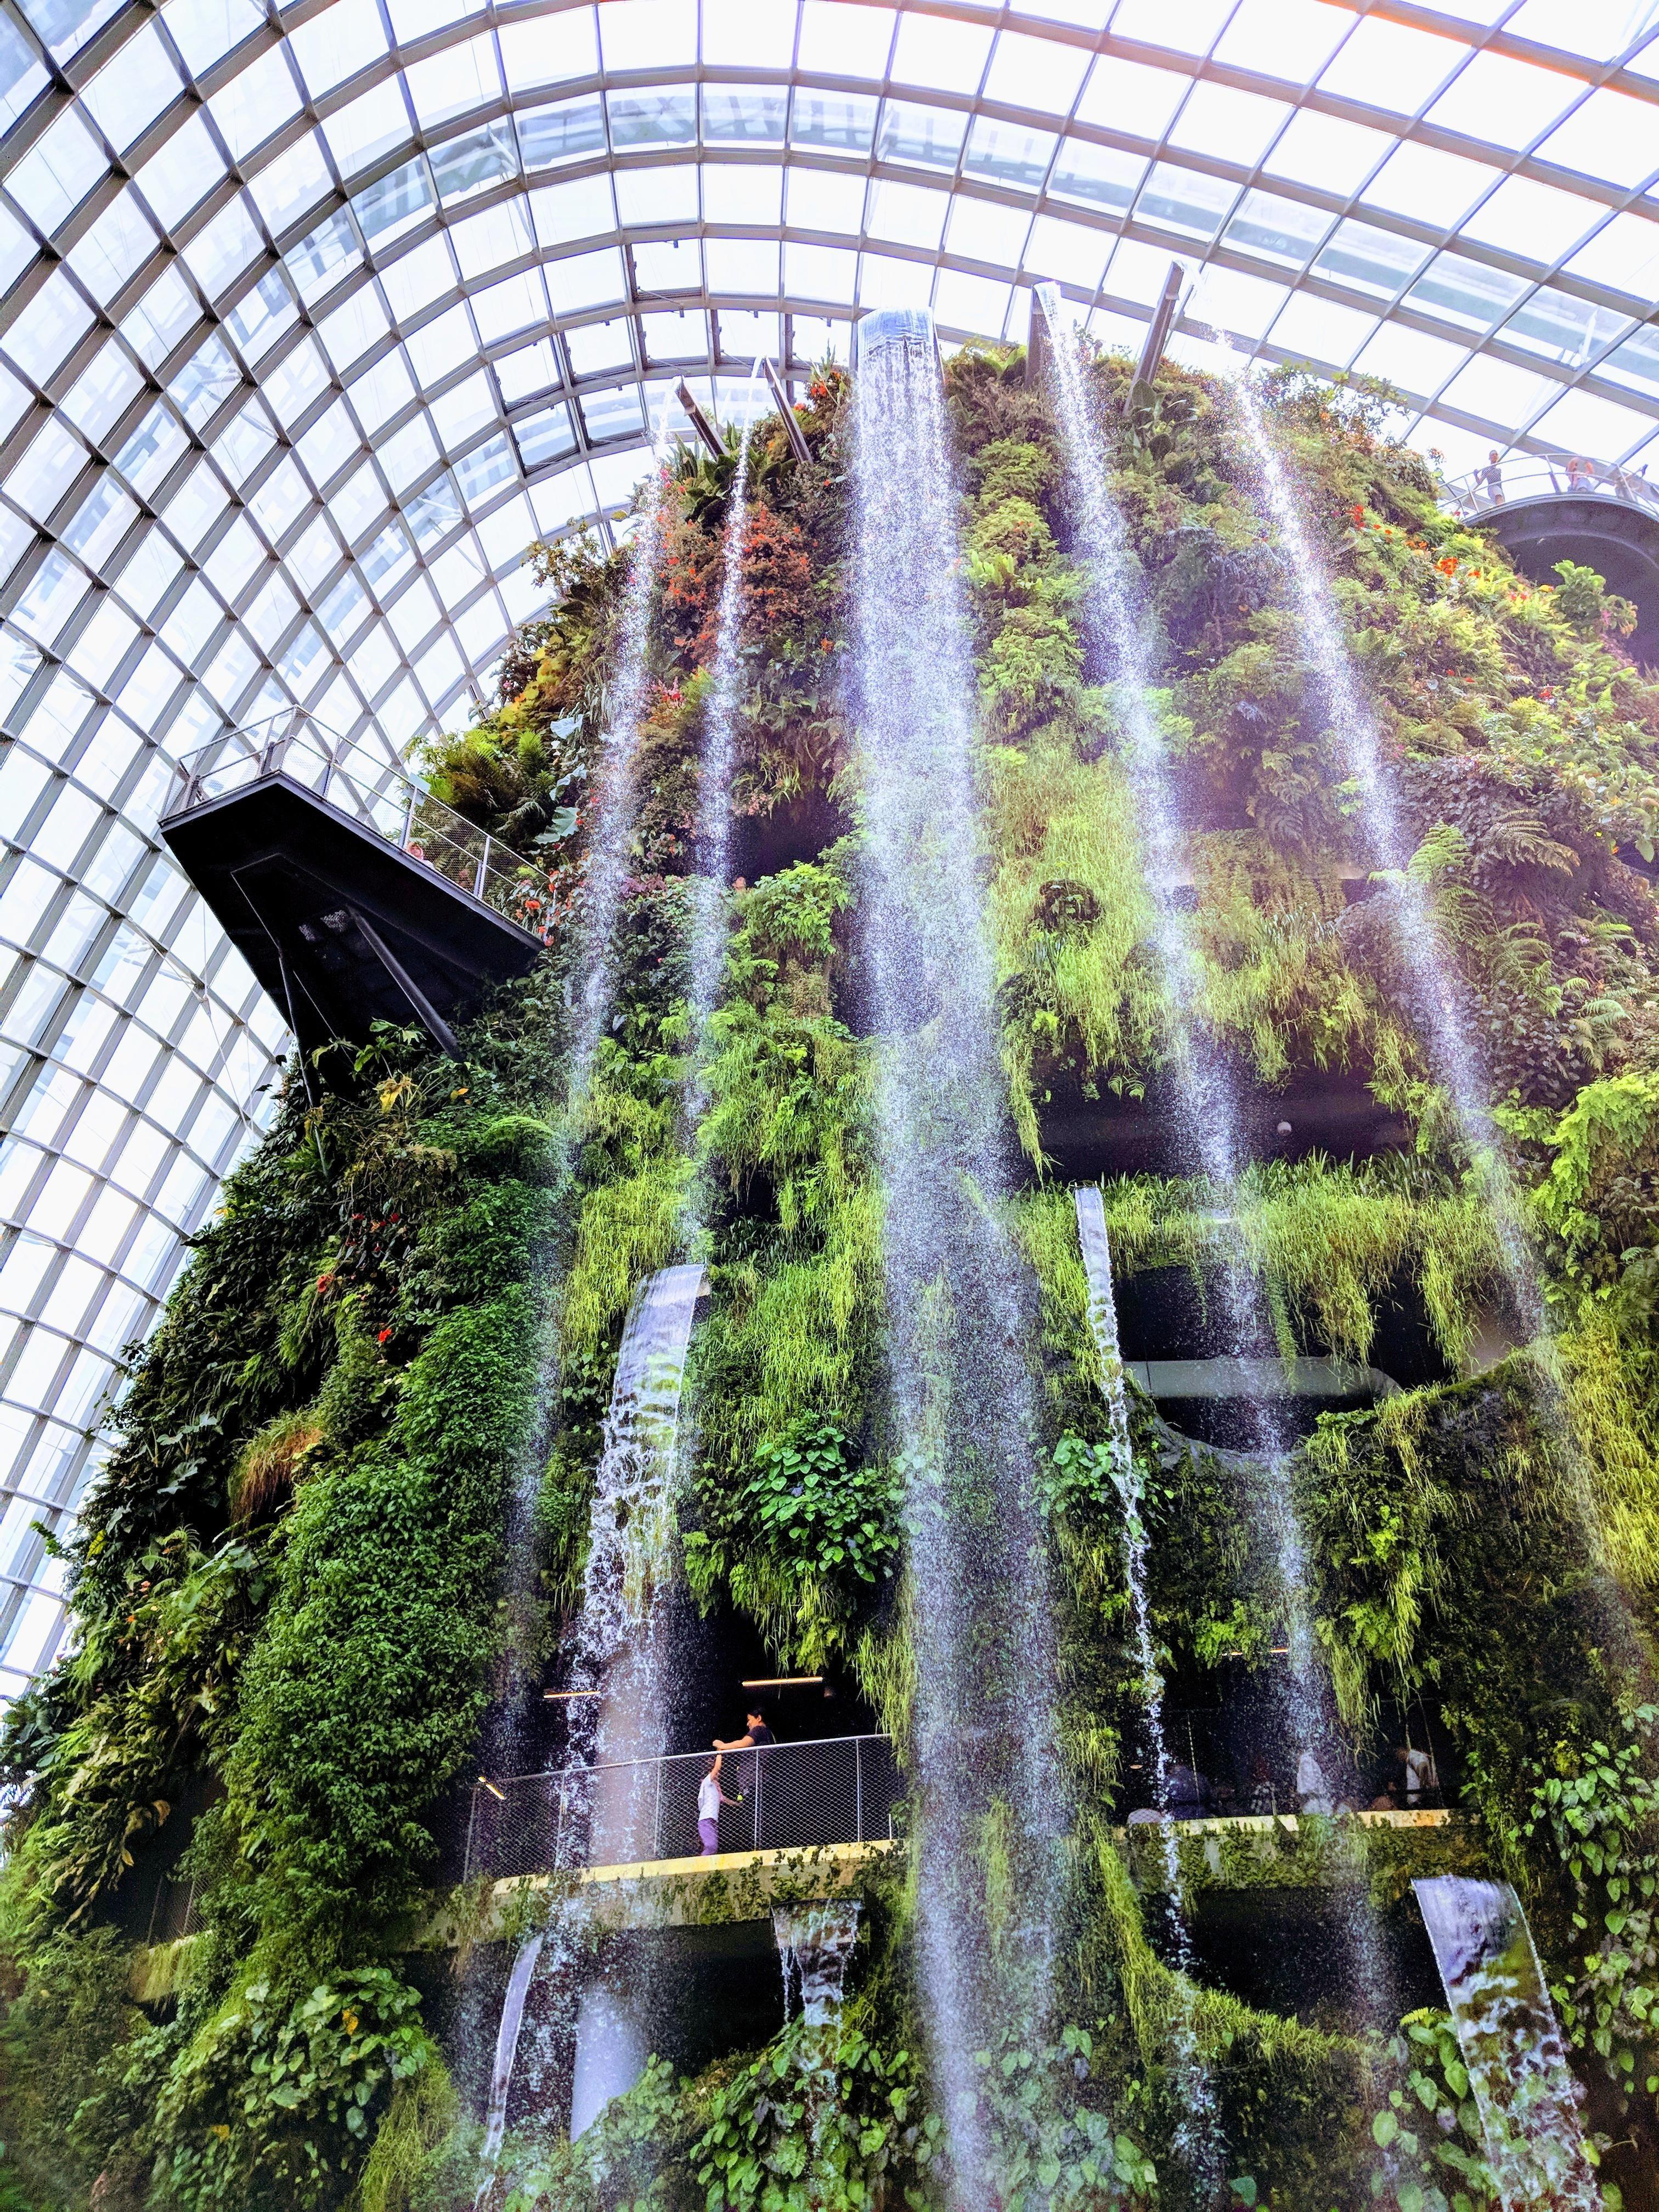 d103215feb84a7993bf59a3a78f1451f - Gardens By The Bay Cloud Forest Dome